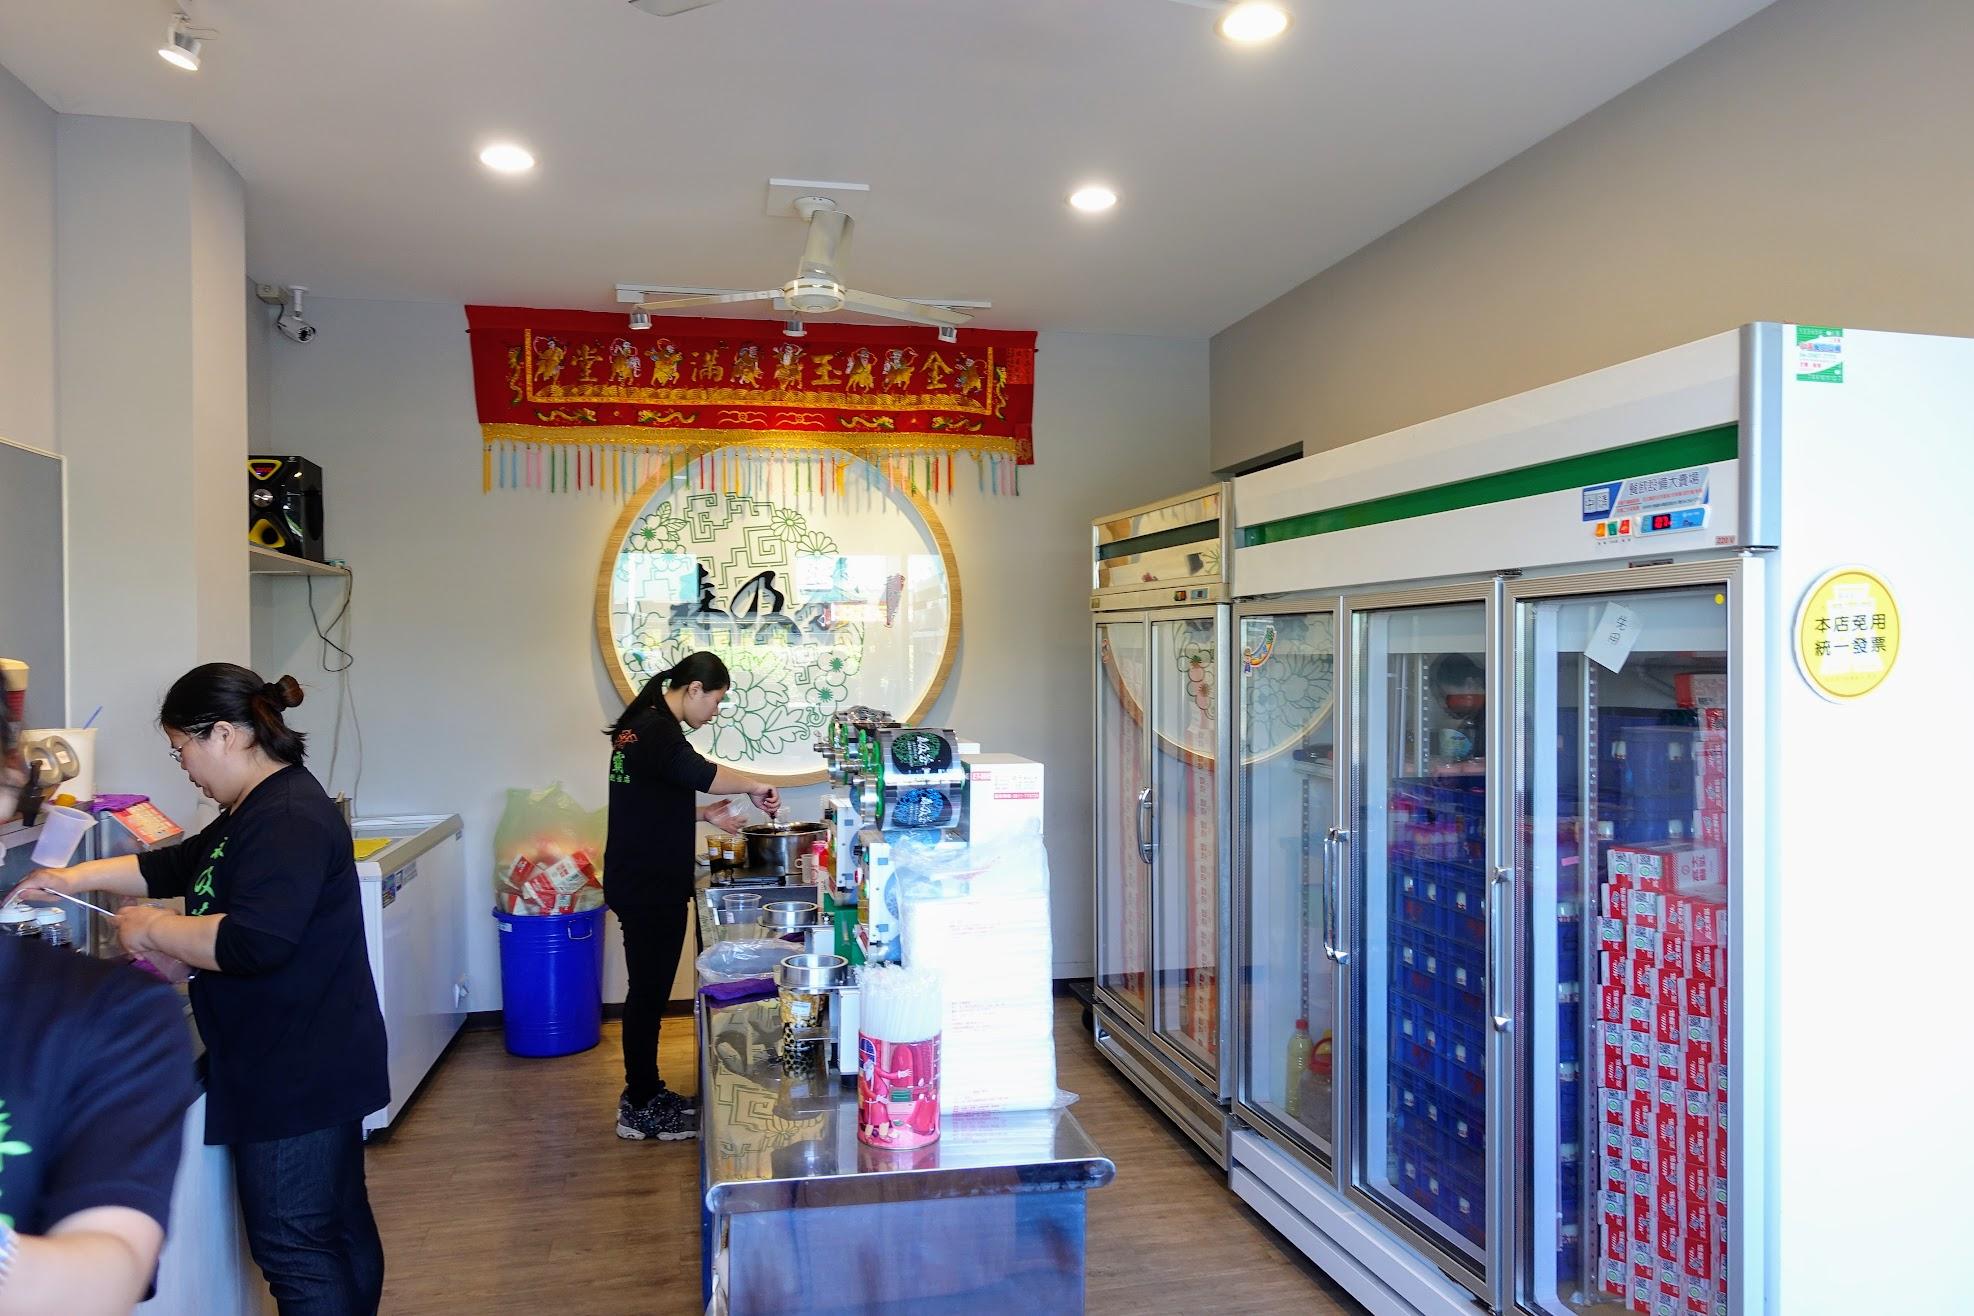 店內正在製作珍珠波霸鮮奶啊! 冰箱內則是滿滿的高大鮮奶XD